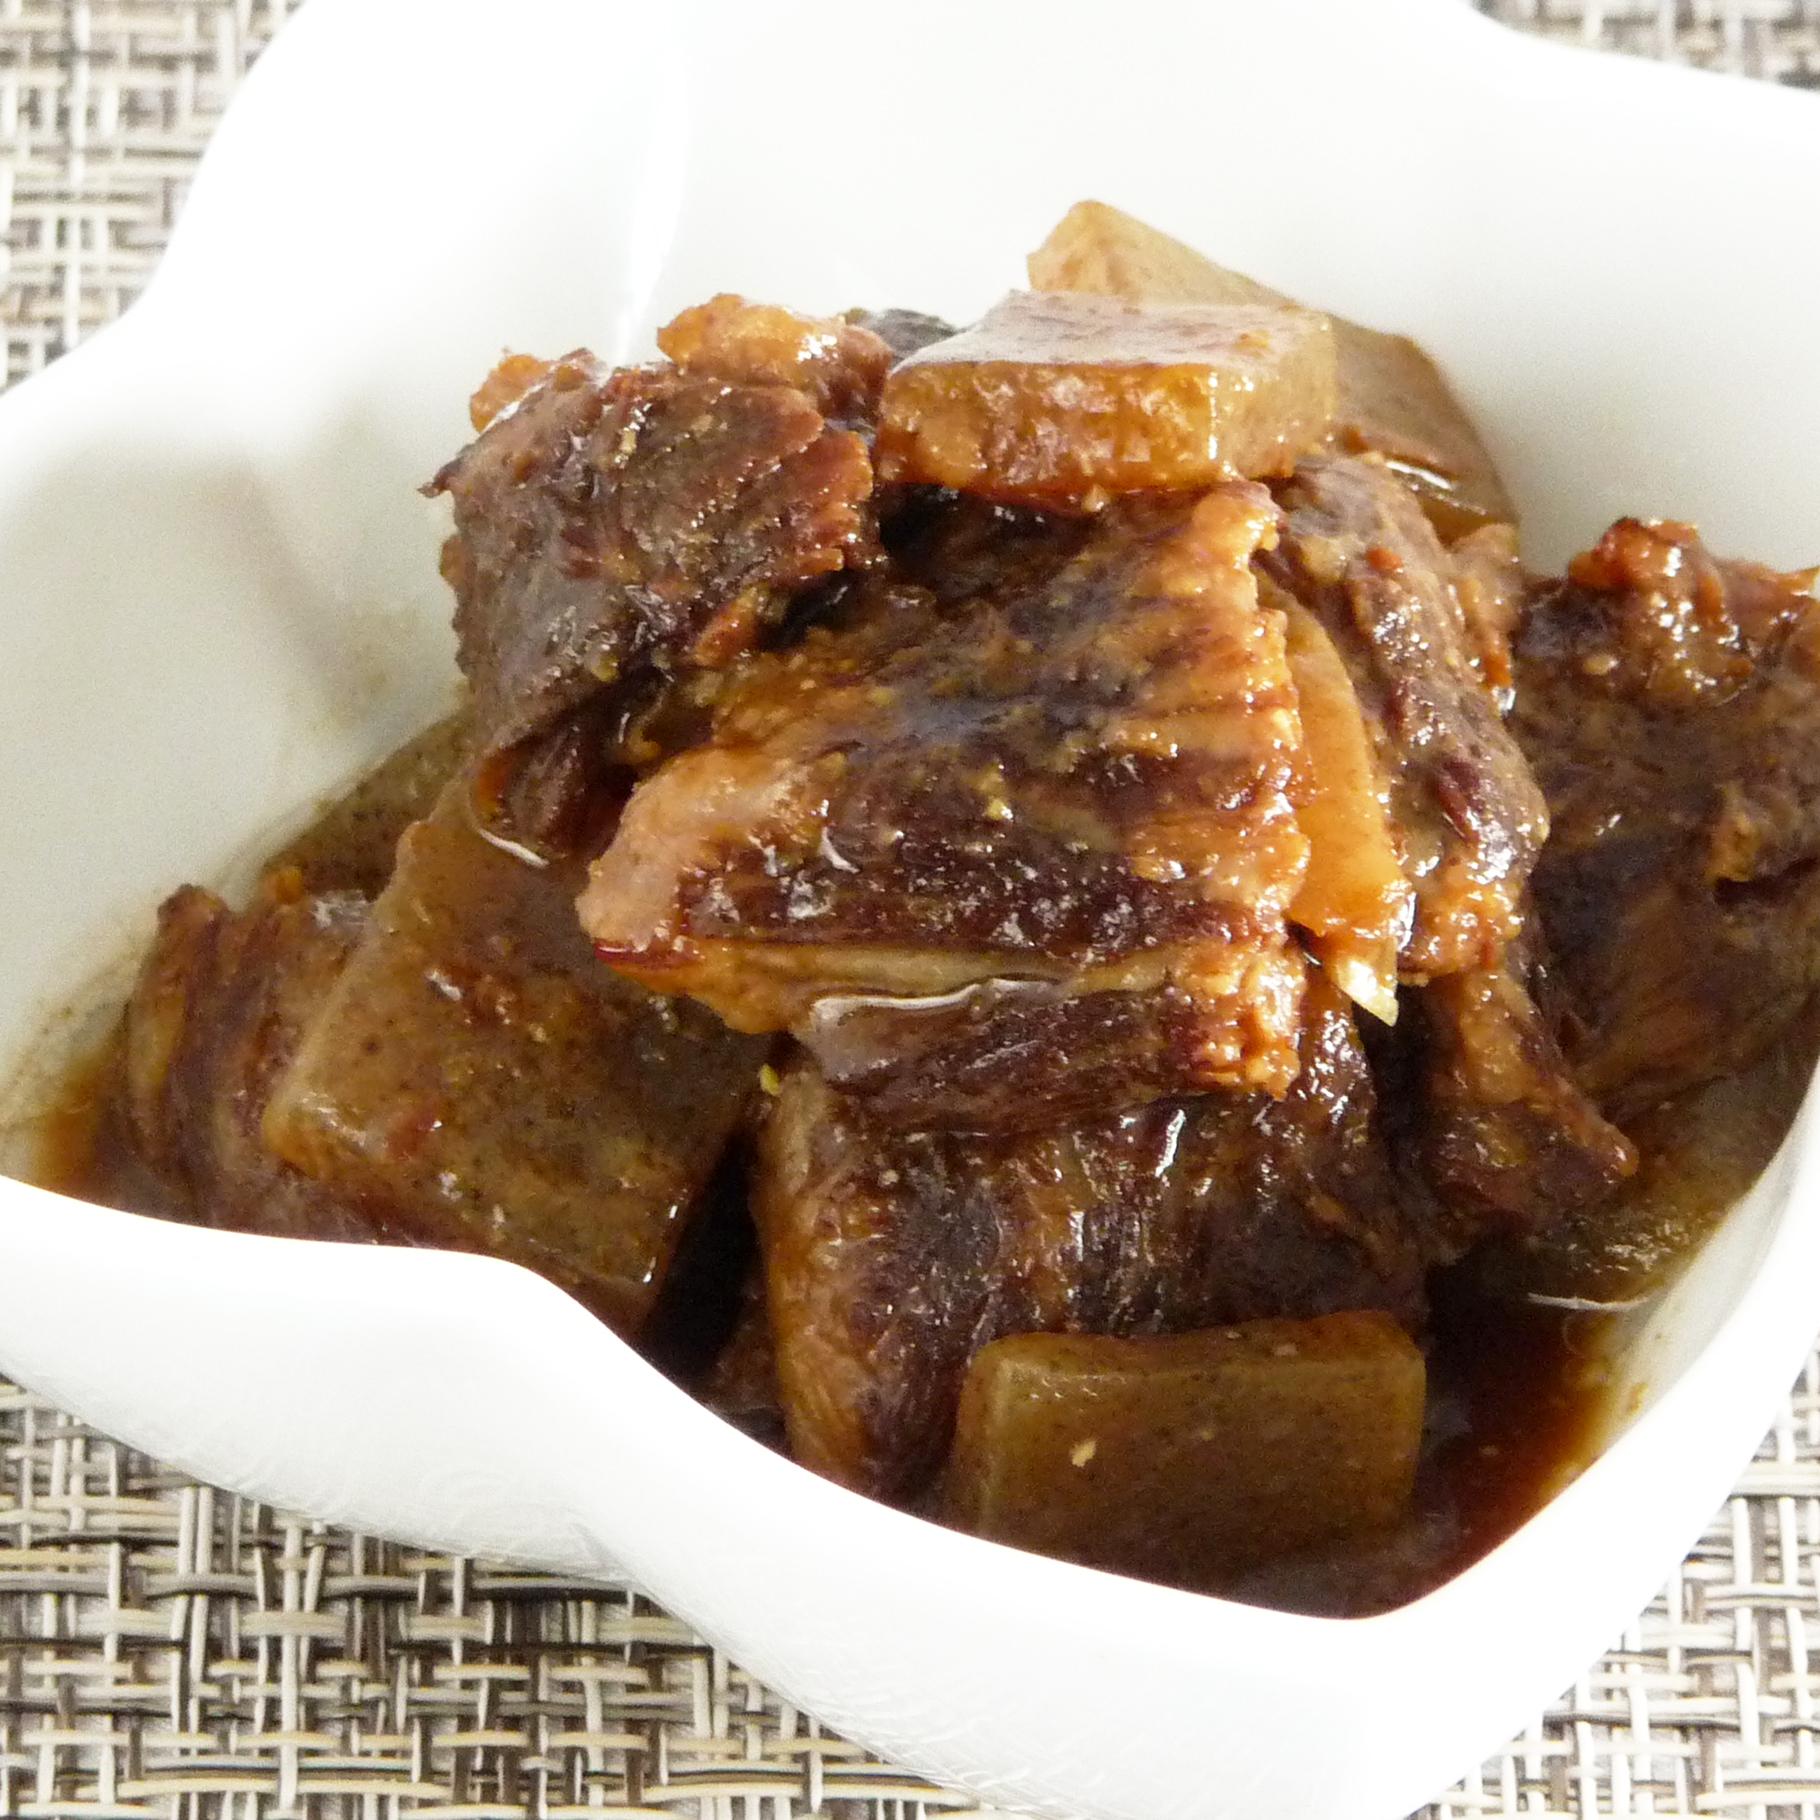 国産黒毛和牛の牛すじ煮込み・4個(醤油&味噌/贈答用木箱入り)◆送料無料◆